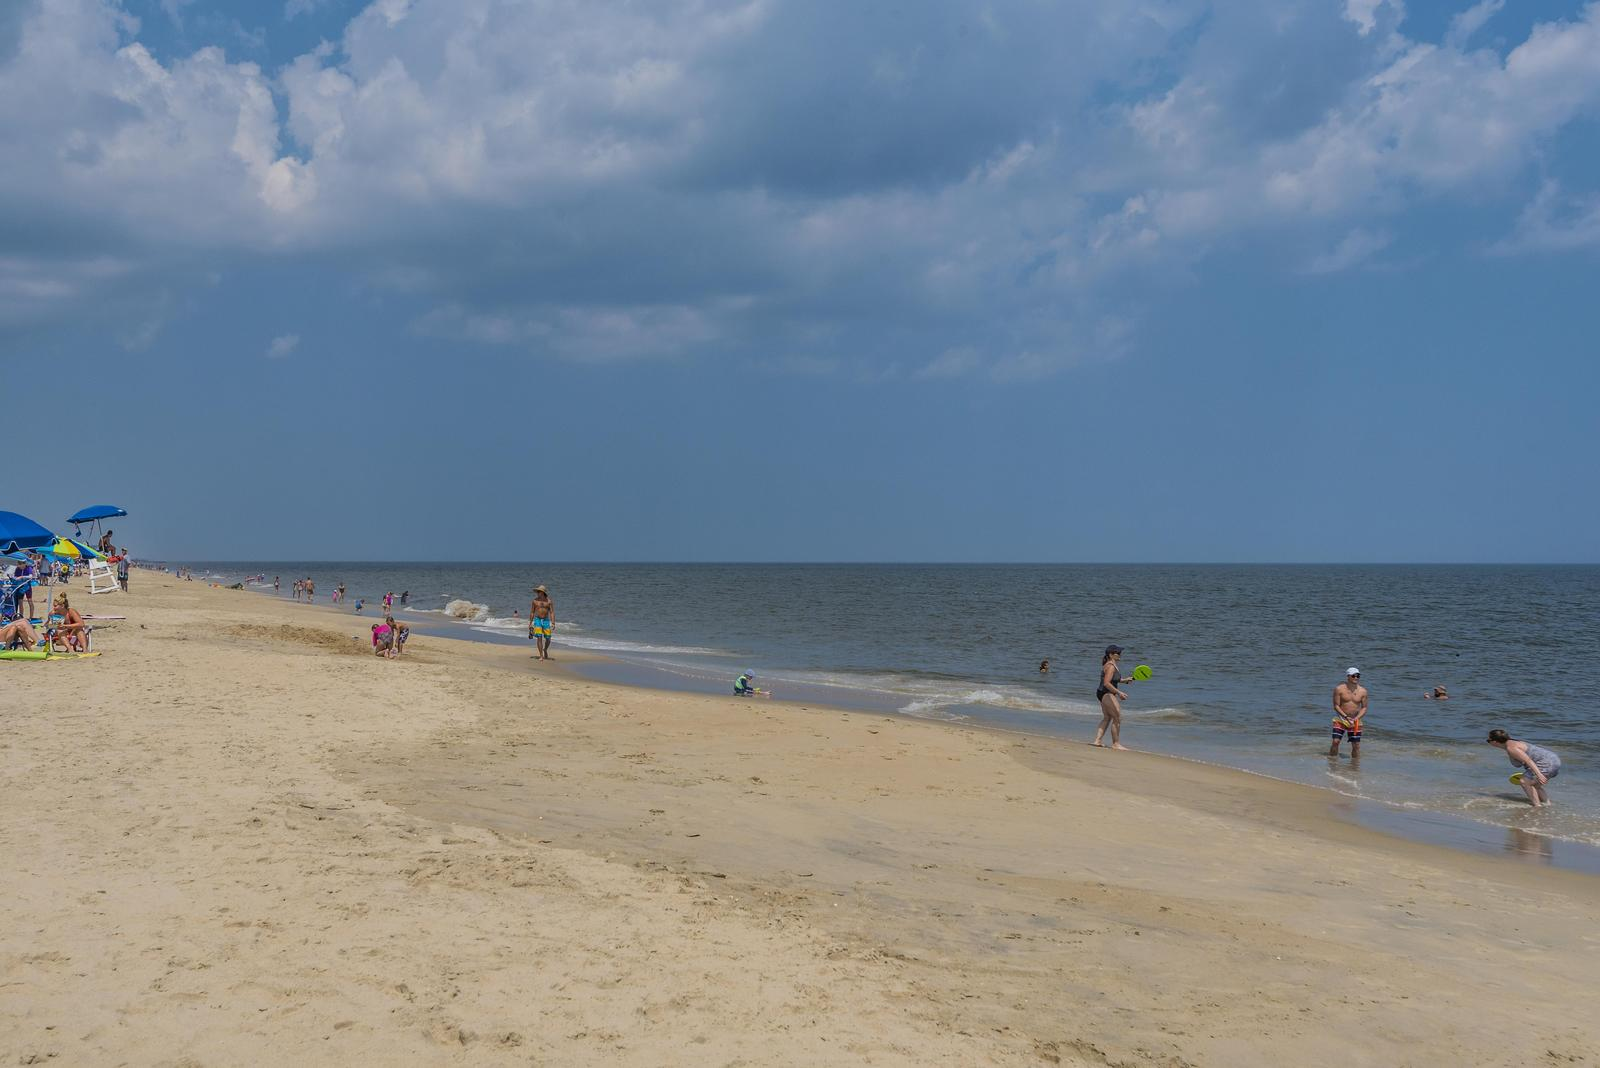 Ahhh..beach life!